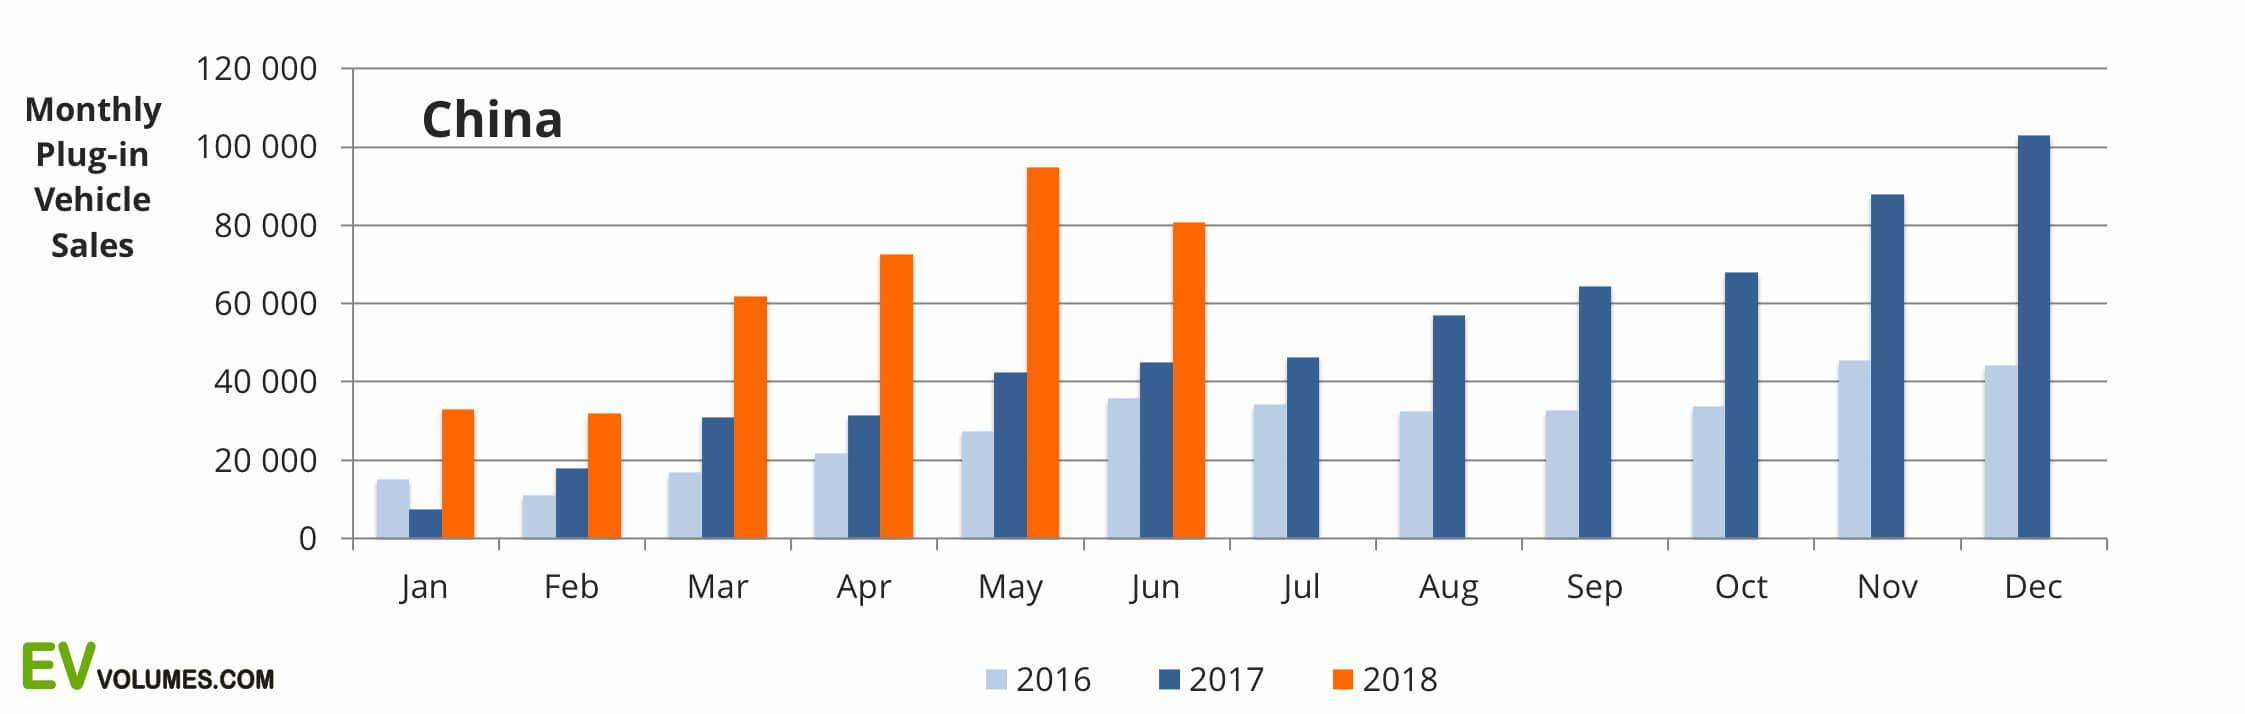 Сравнительный график ежемесячных продаж электрокаров в Китае с 2016 по 2018 год